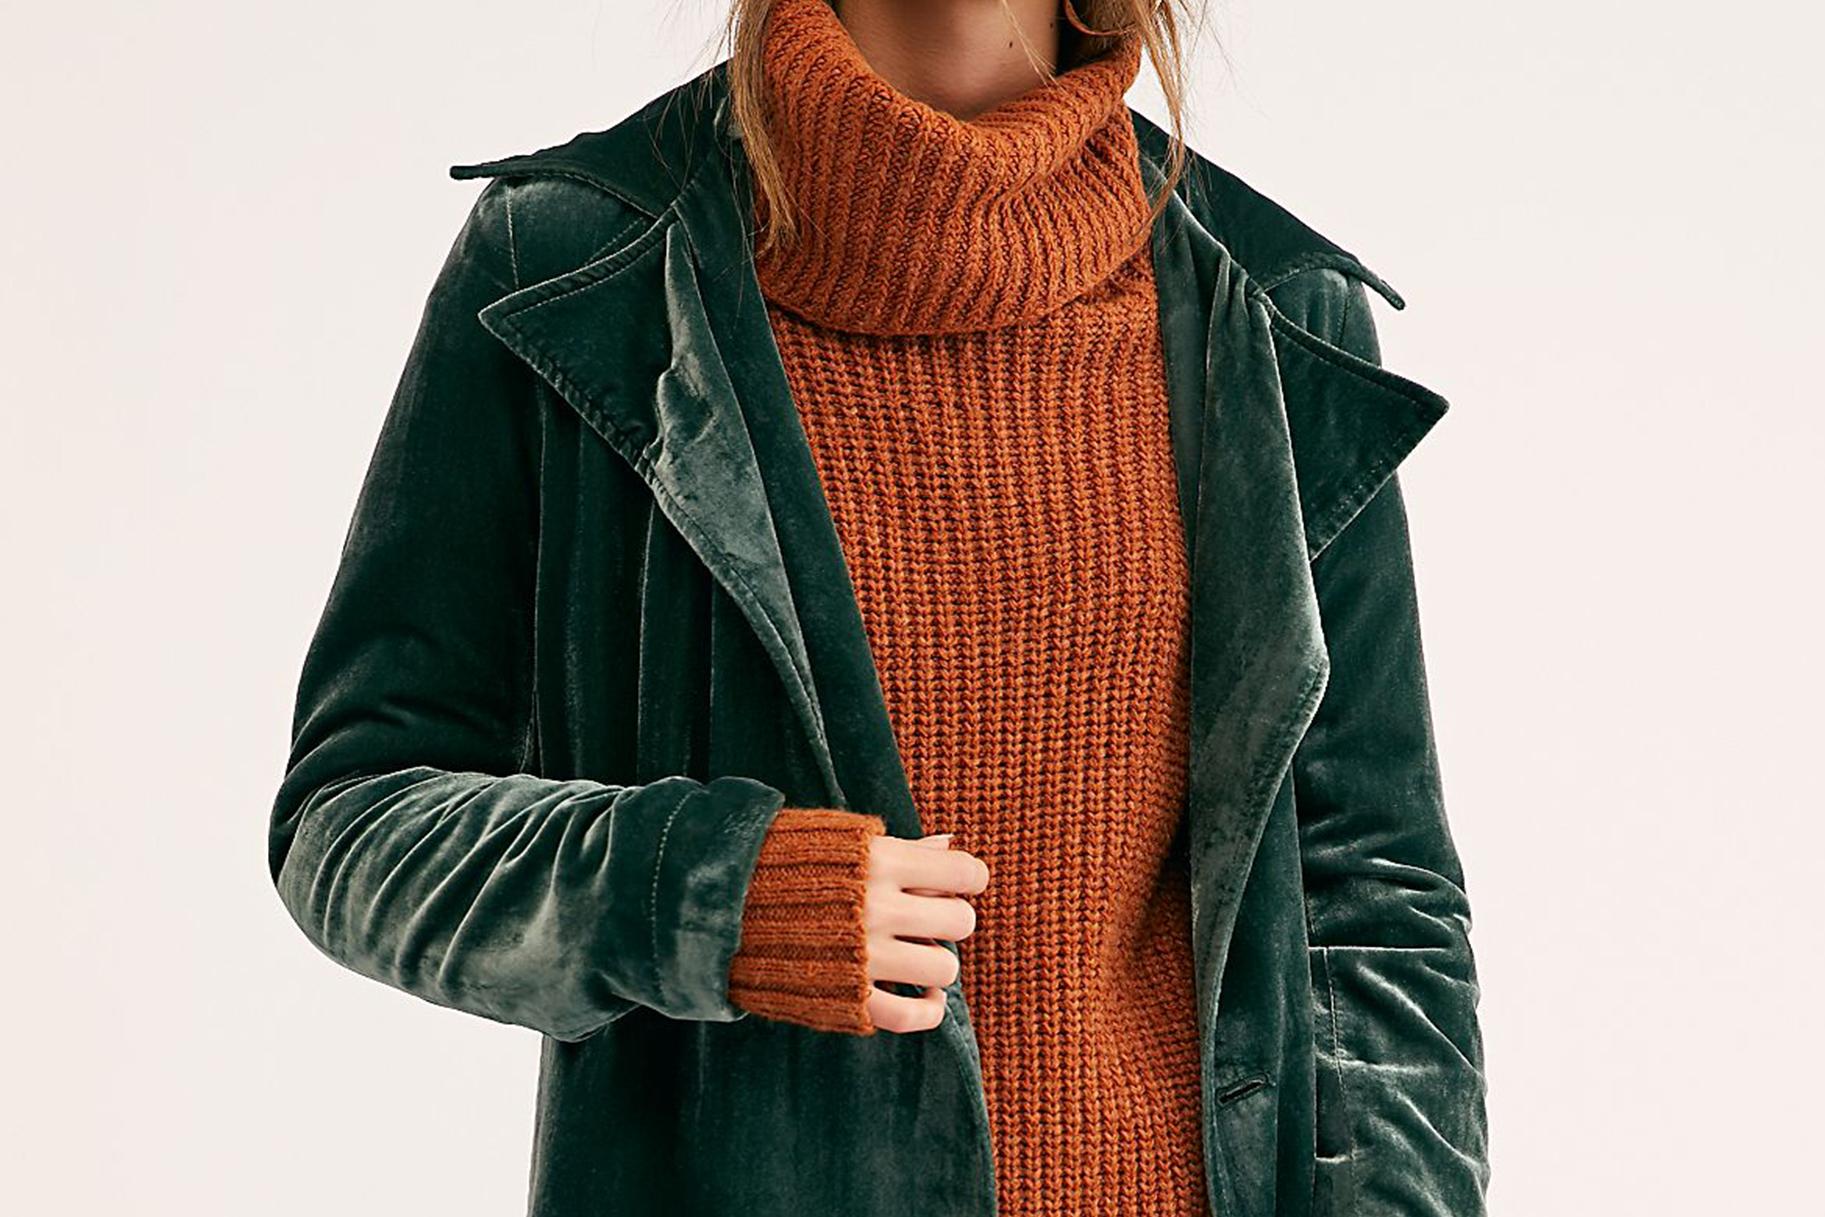 Velvet Fashion Trend Clothing Accessories In Velvet Style Living